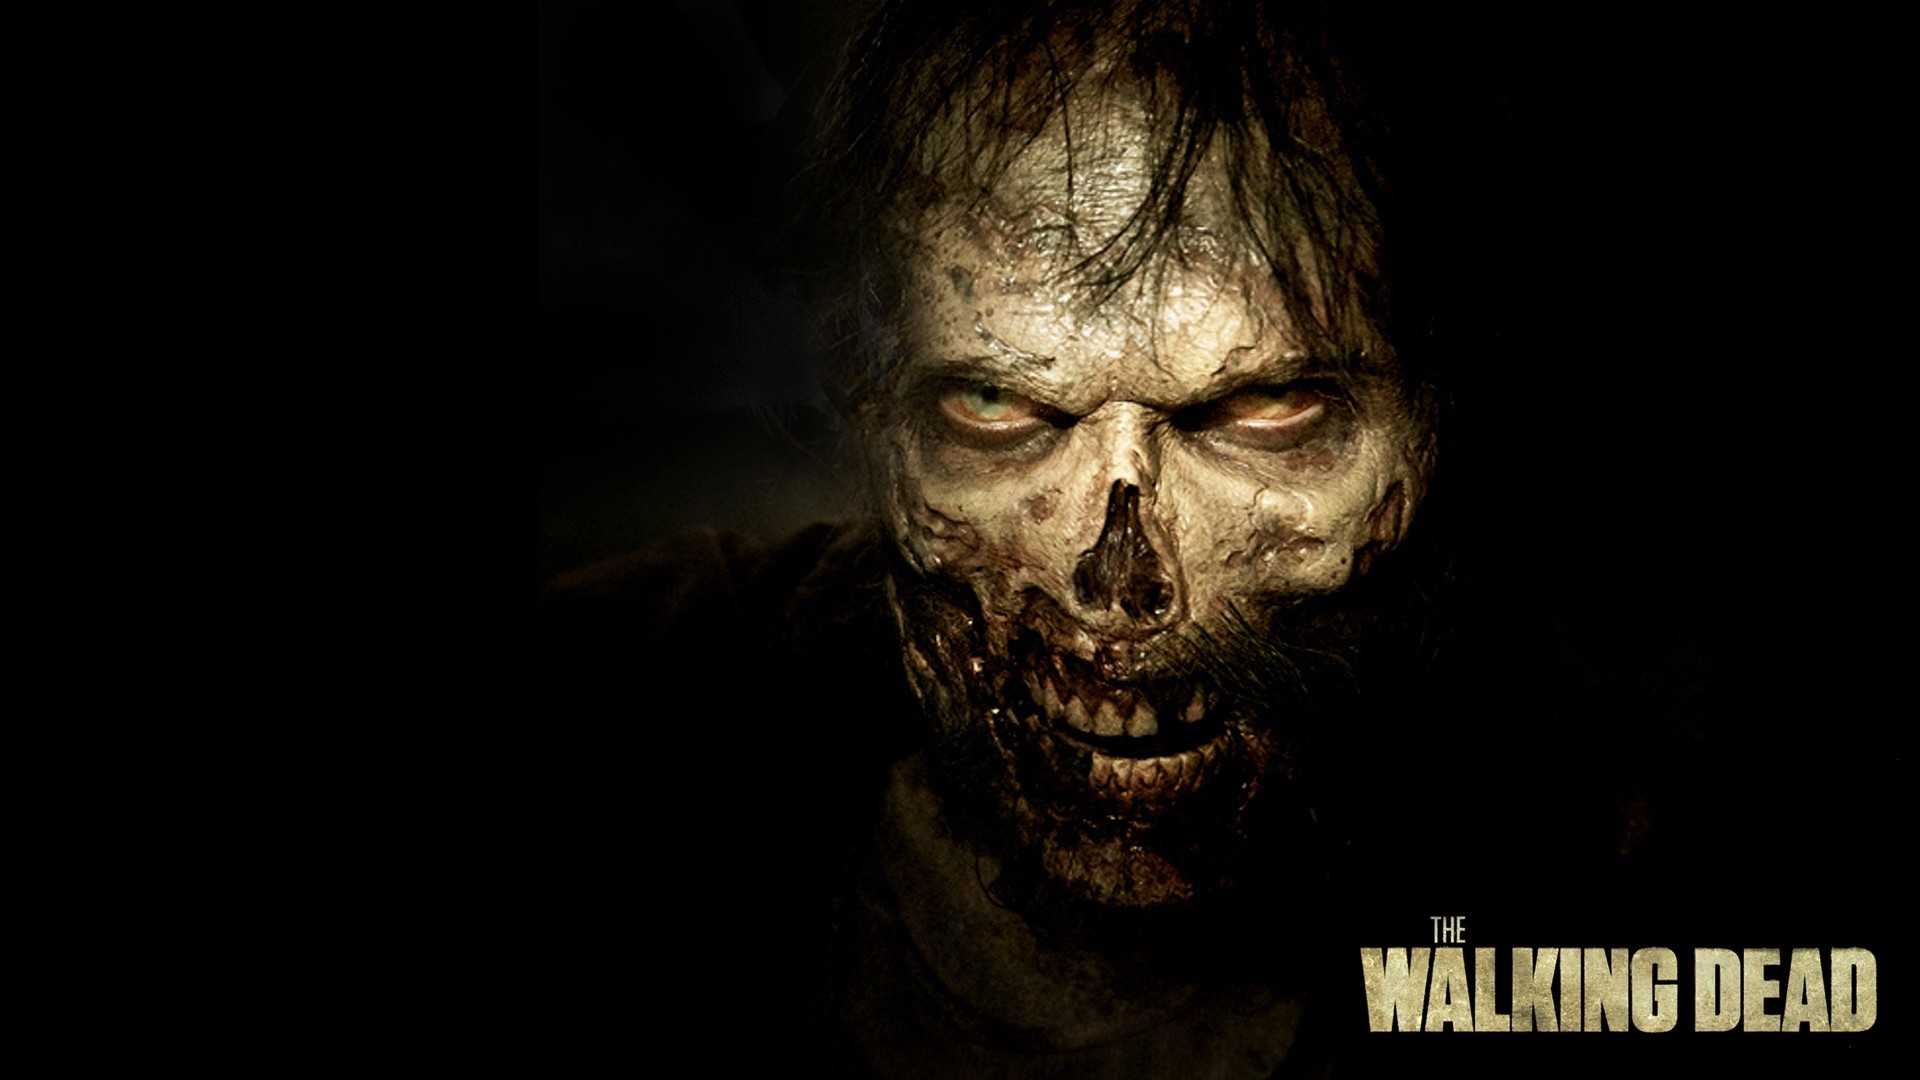 The Walking Dead (Season 5) – Them   Walking Dead Zombie Wallpaper in 1920